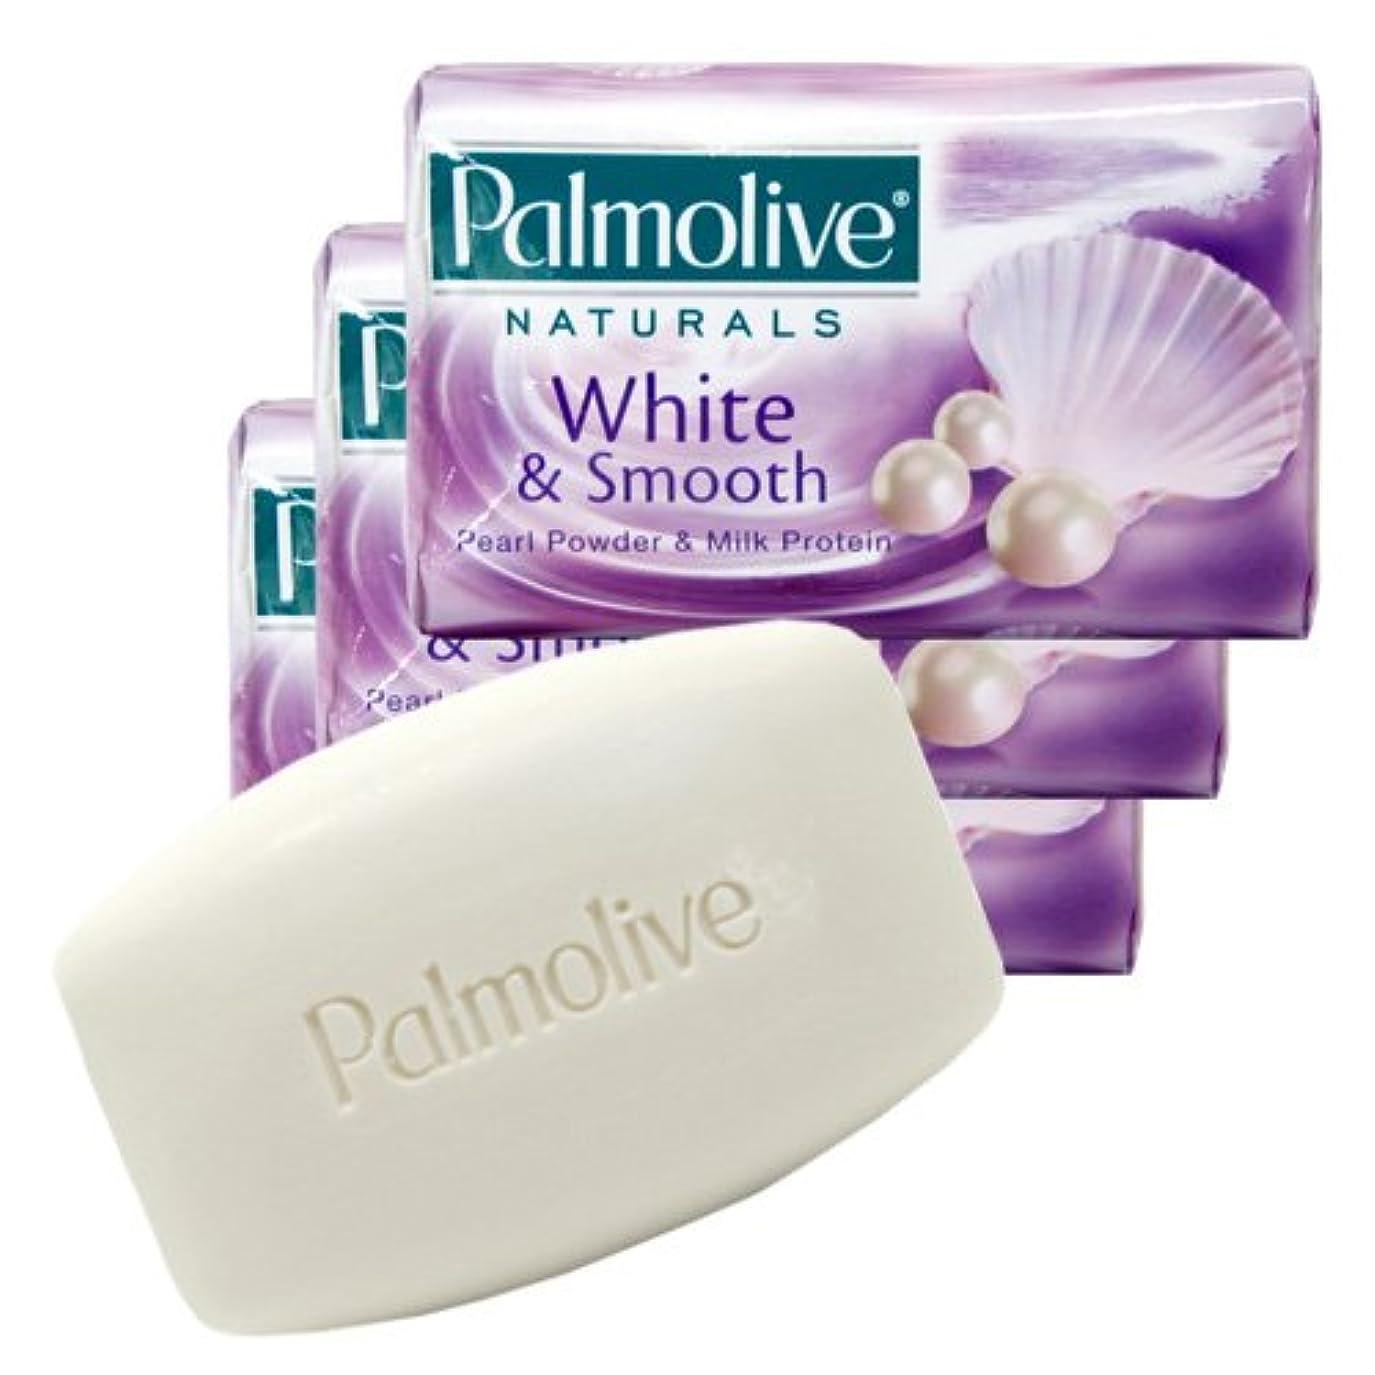 佐賀サークル贈り物【Palmolive】パルモリーブ ナチュラルズ石鹸3個パック ホワイト&スムース(パールパウダー&ミルクプロテイン)80g×3